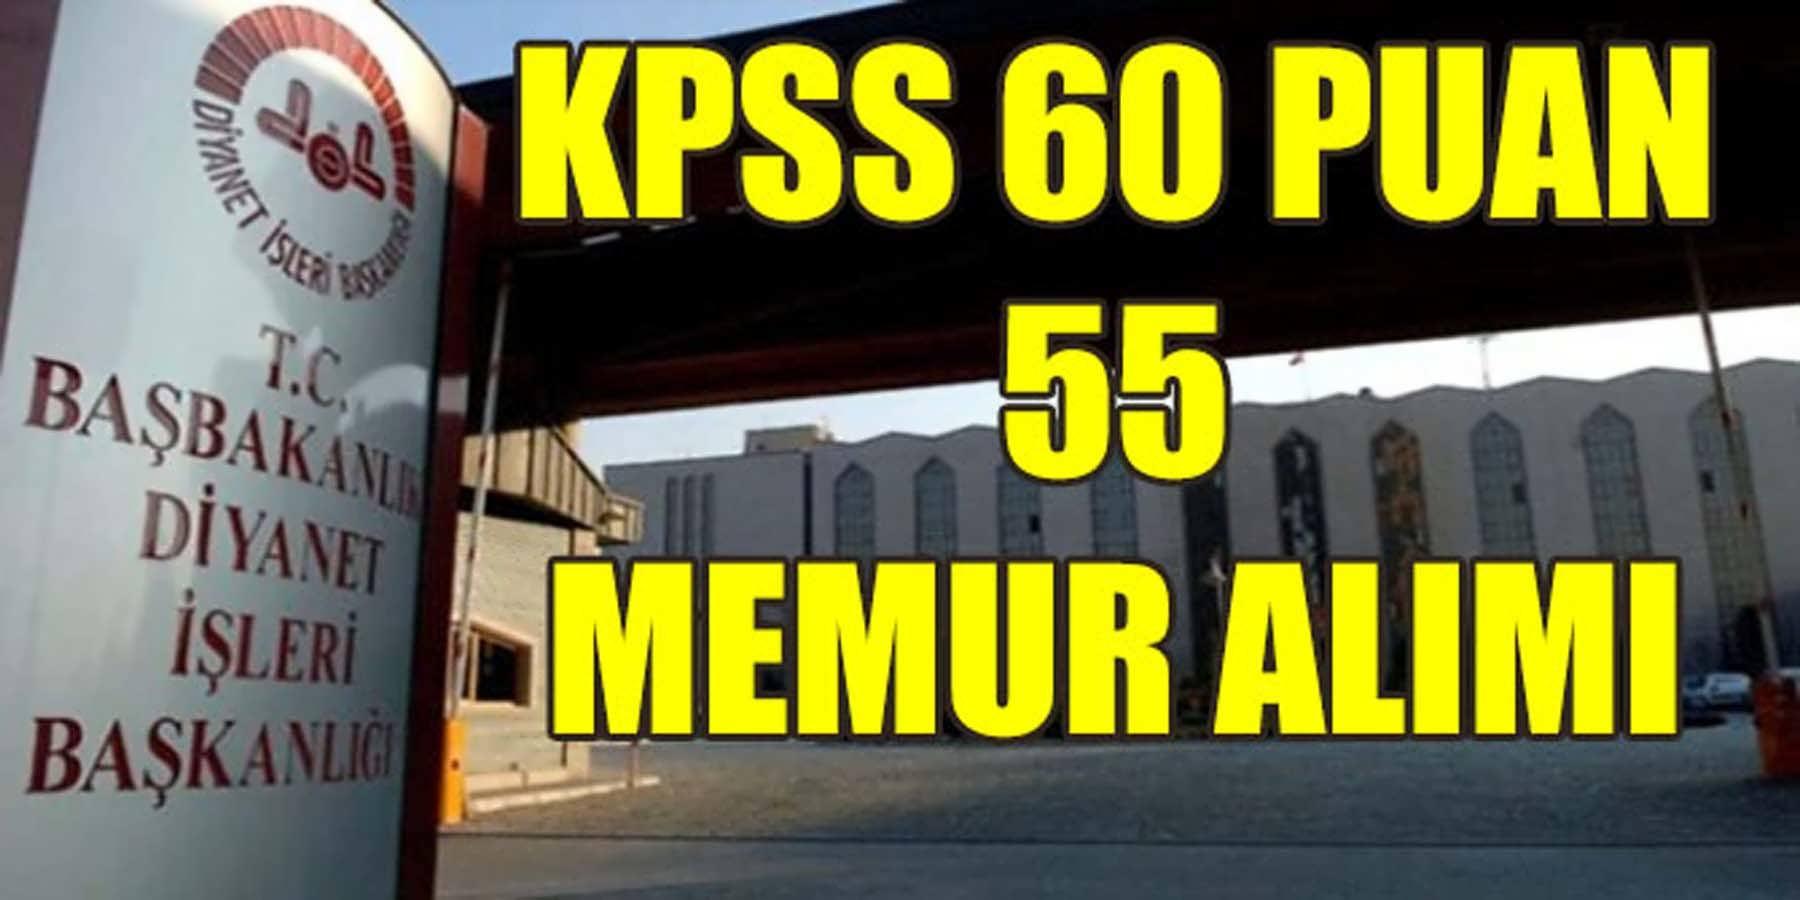 KPSS 60 Puanla Diyanet 55 Memur Alımı